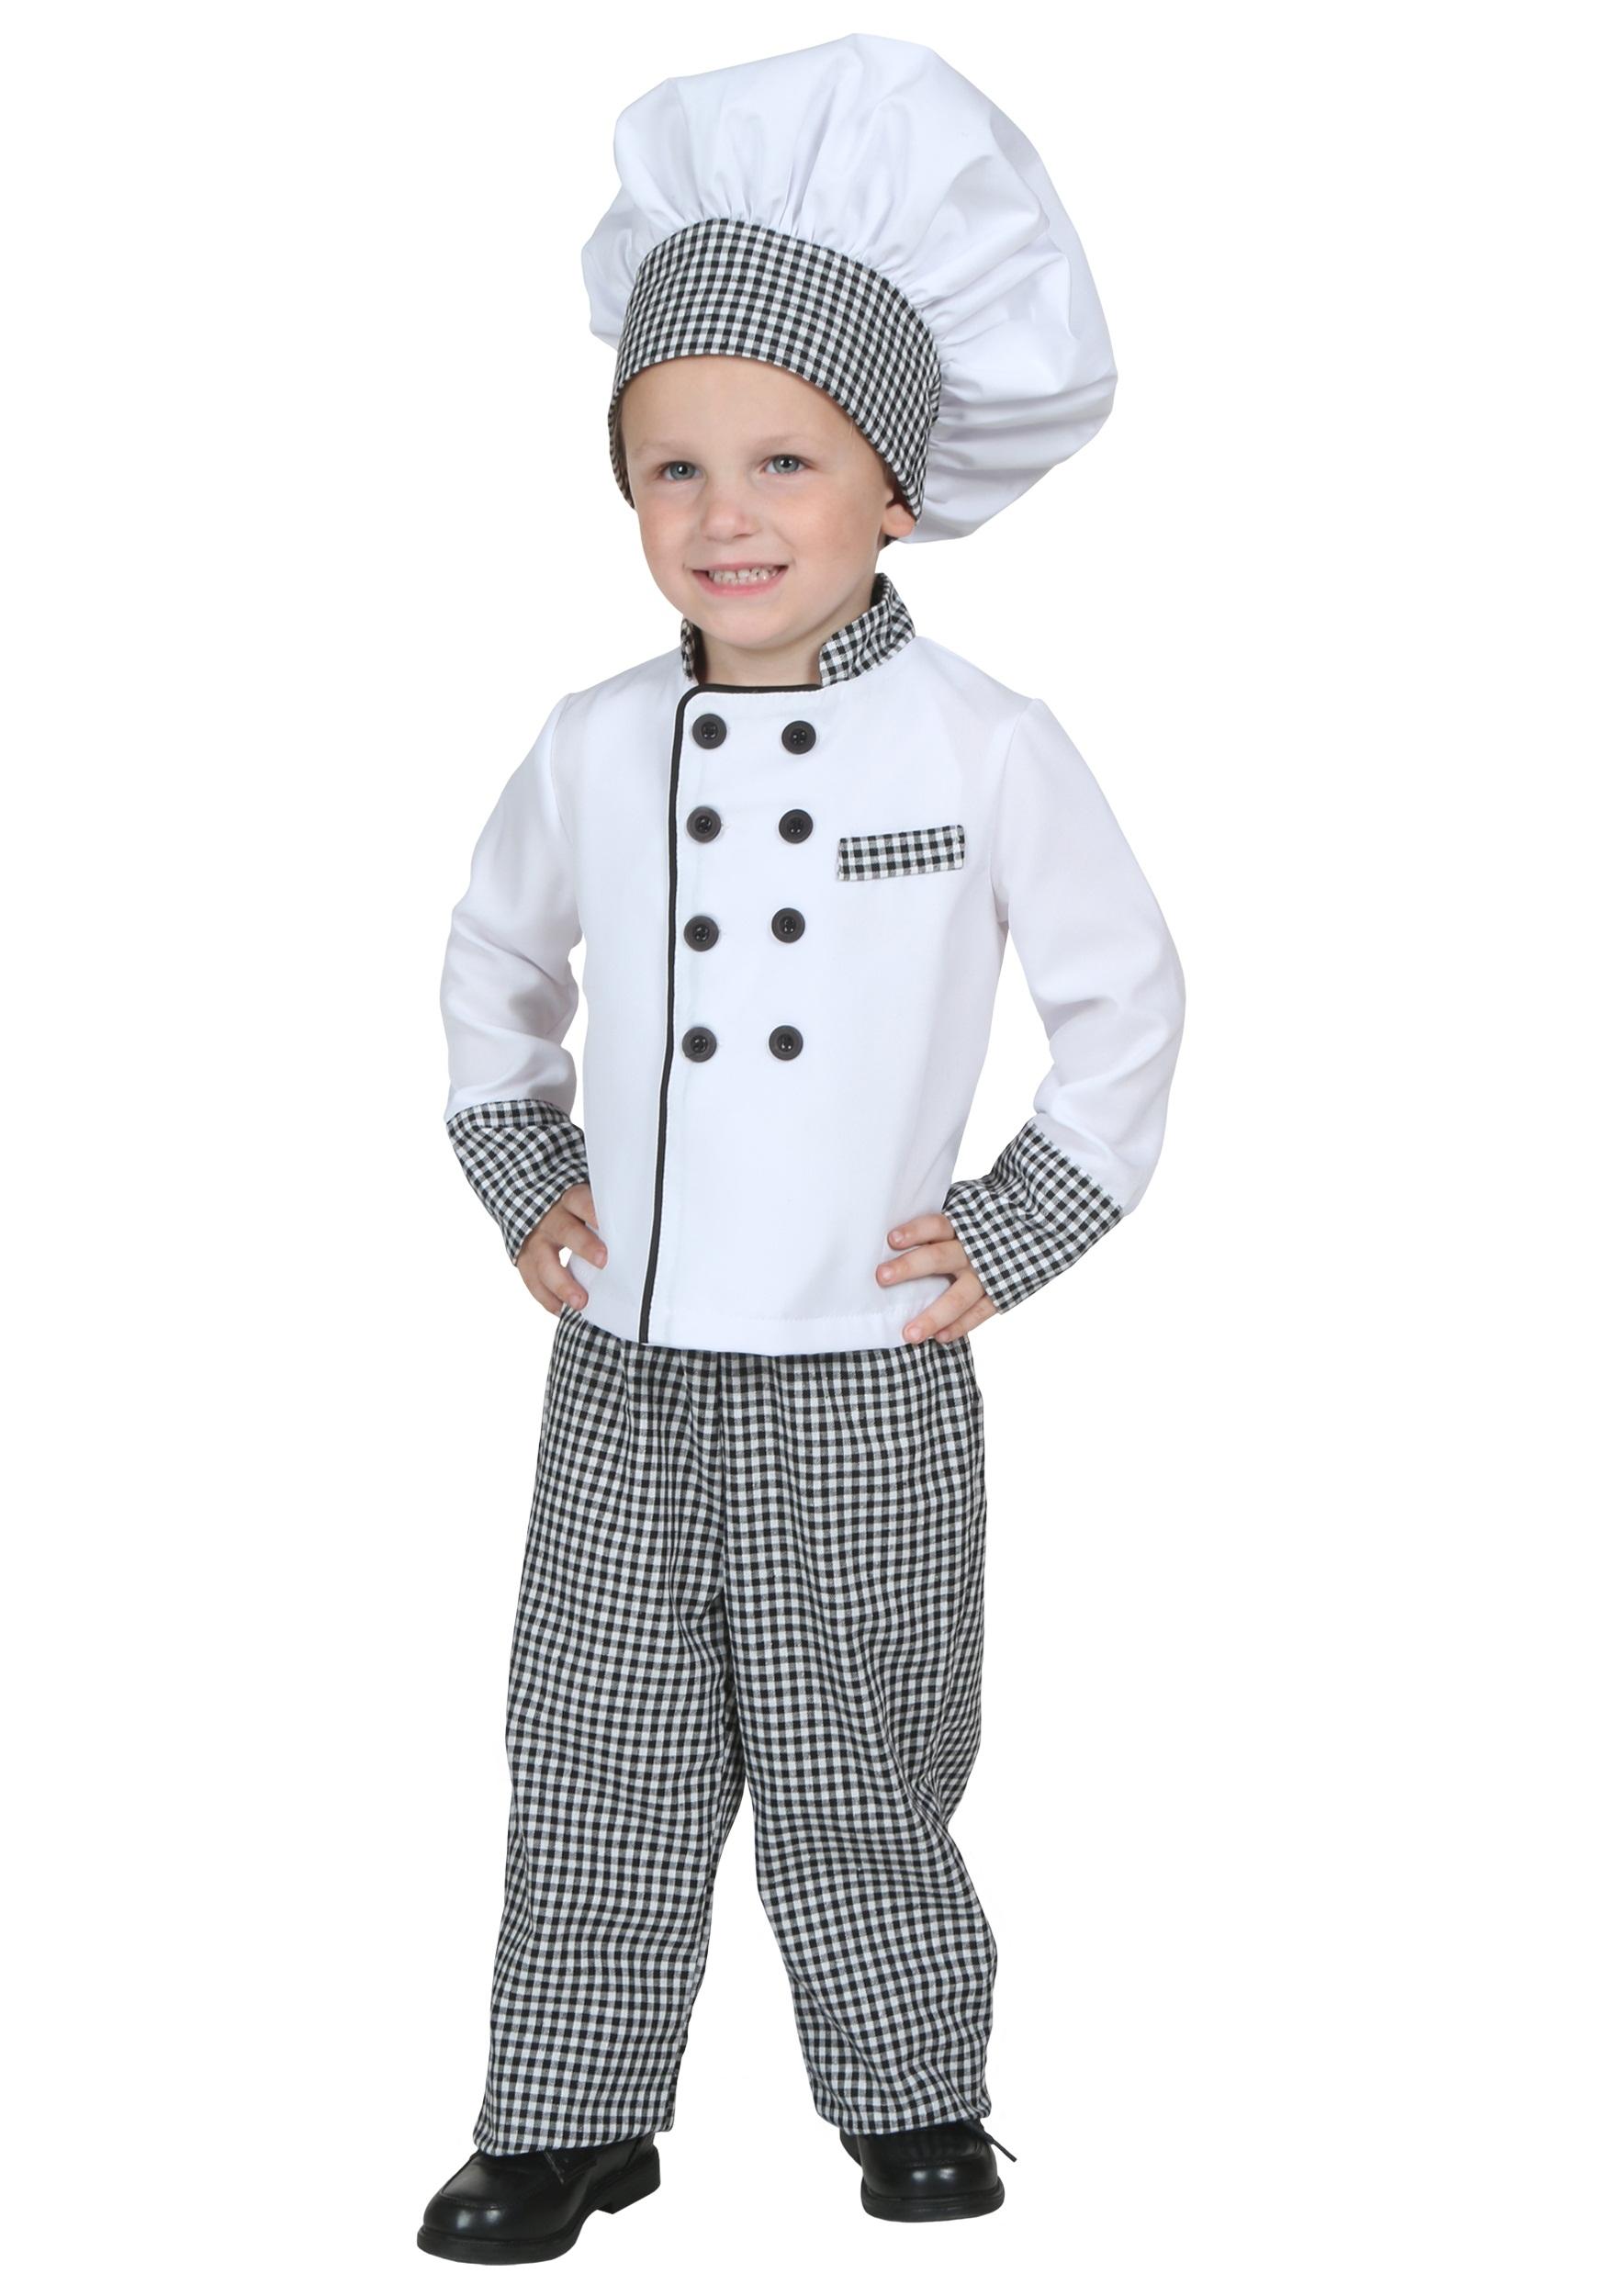 7d1e6485f4a Disfraz de chef para niños pequeños